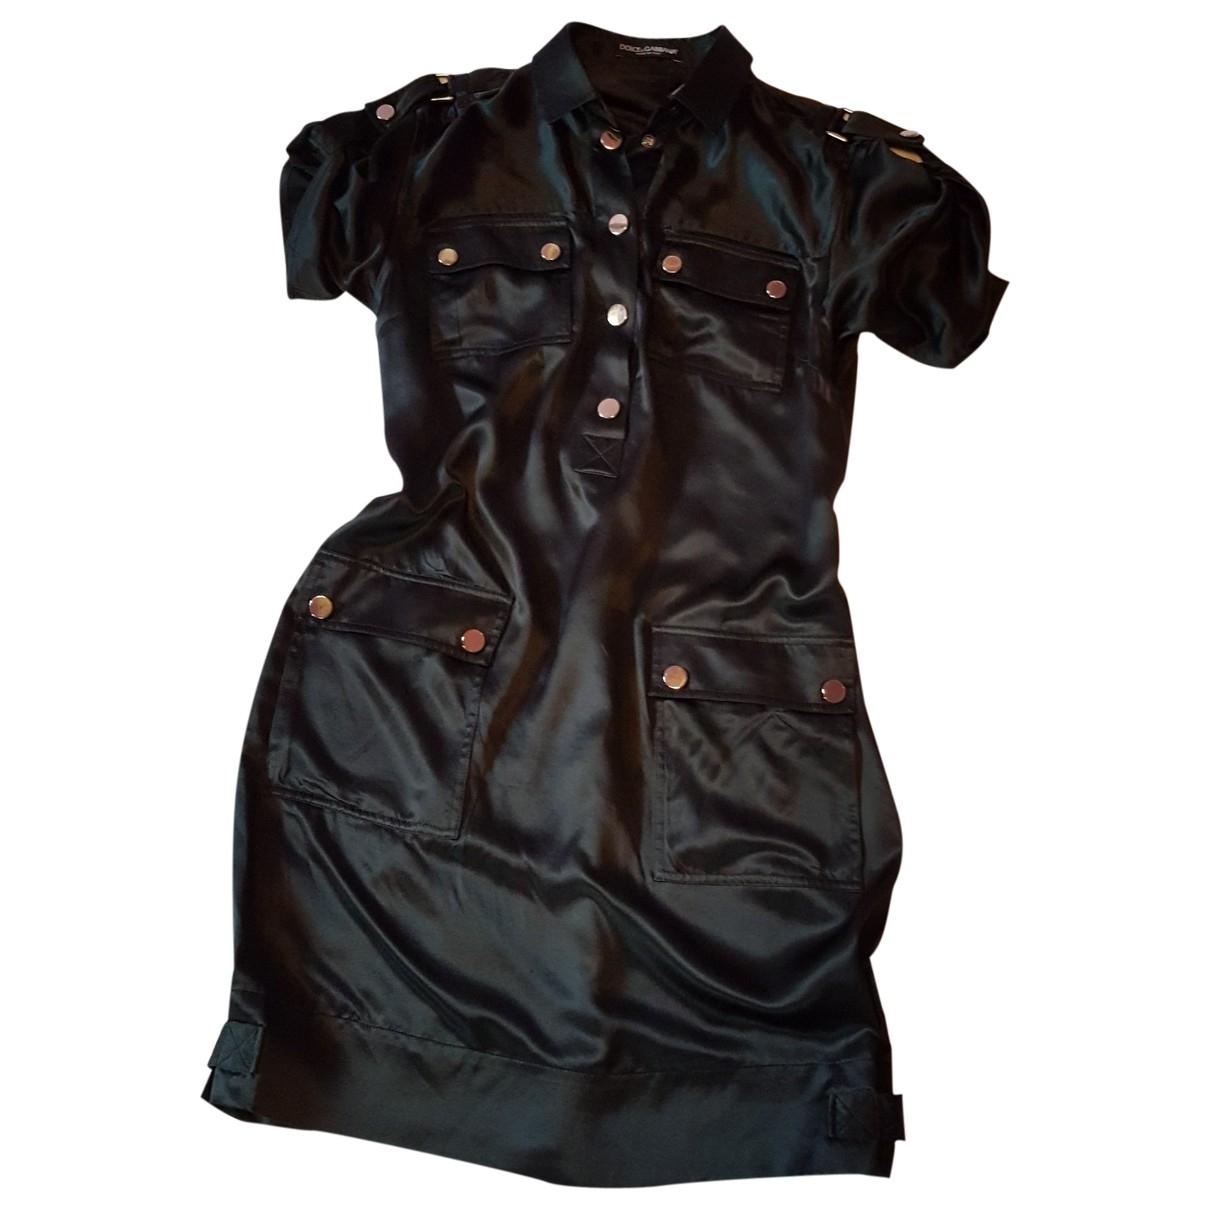 Dolce & Gabbana \N Black dress for Women 42 IT